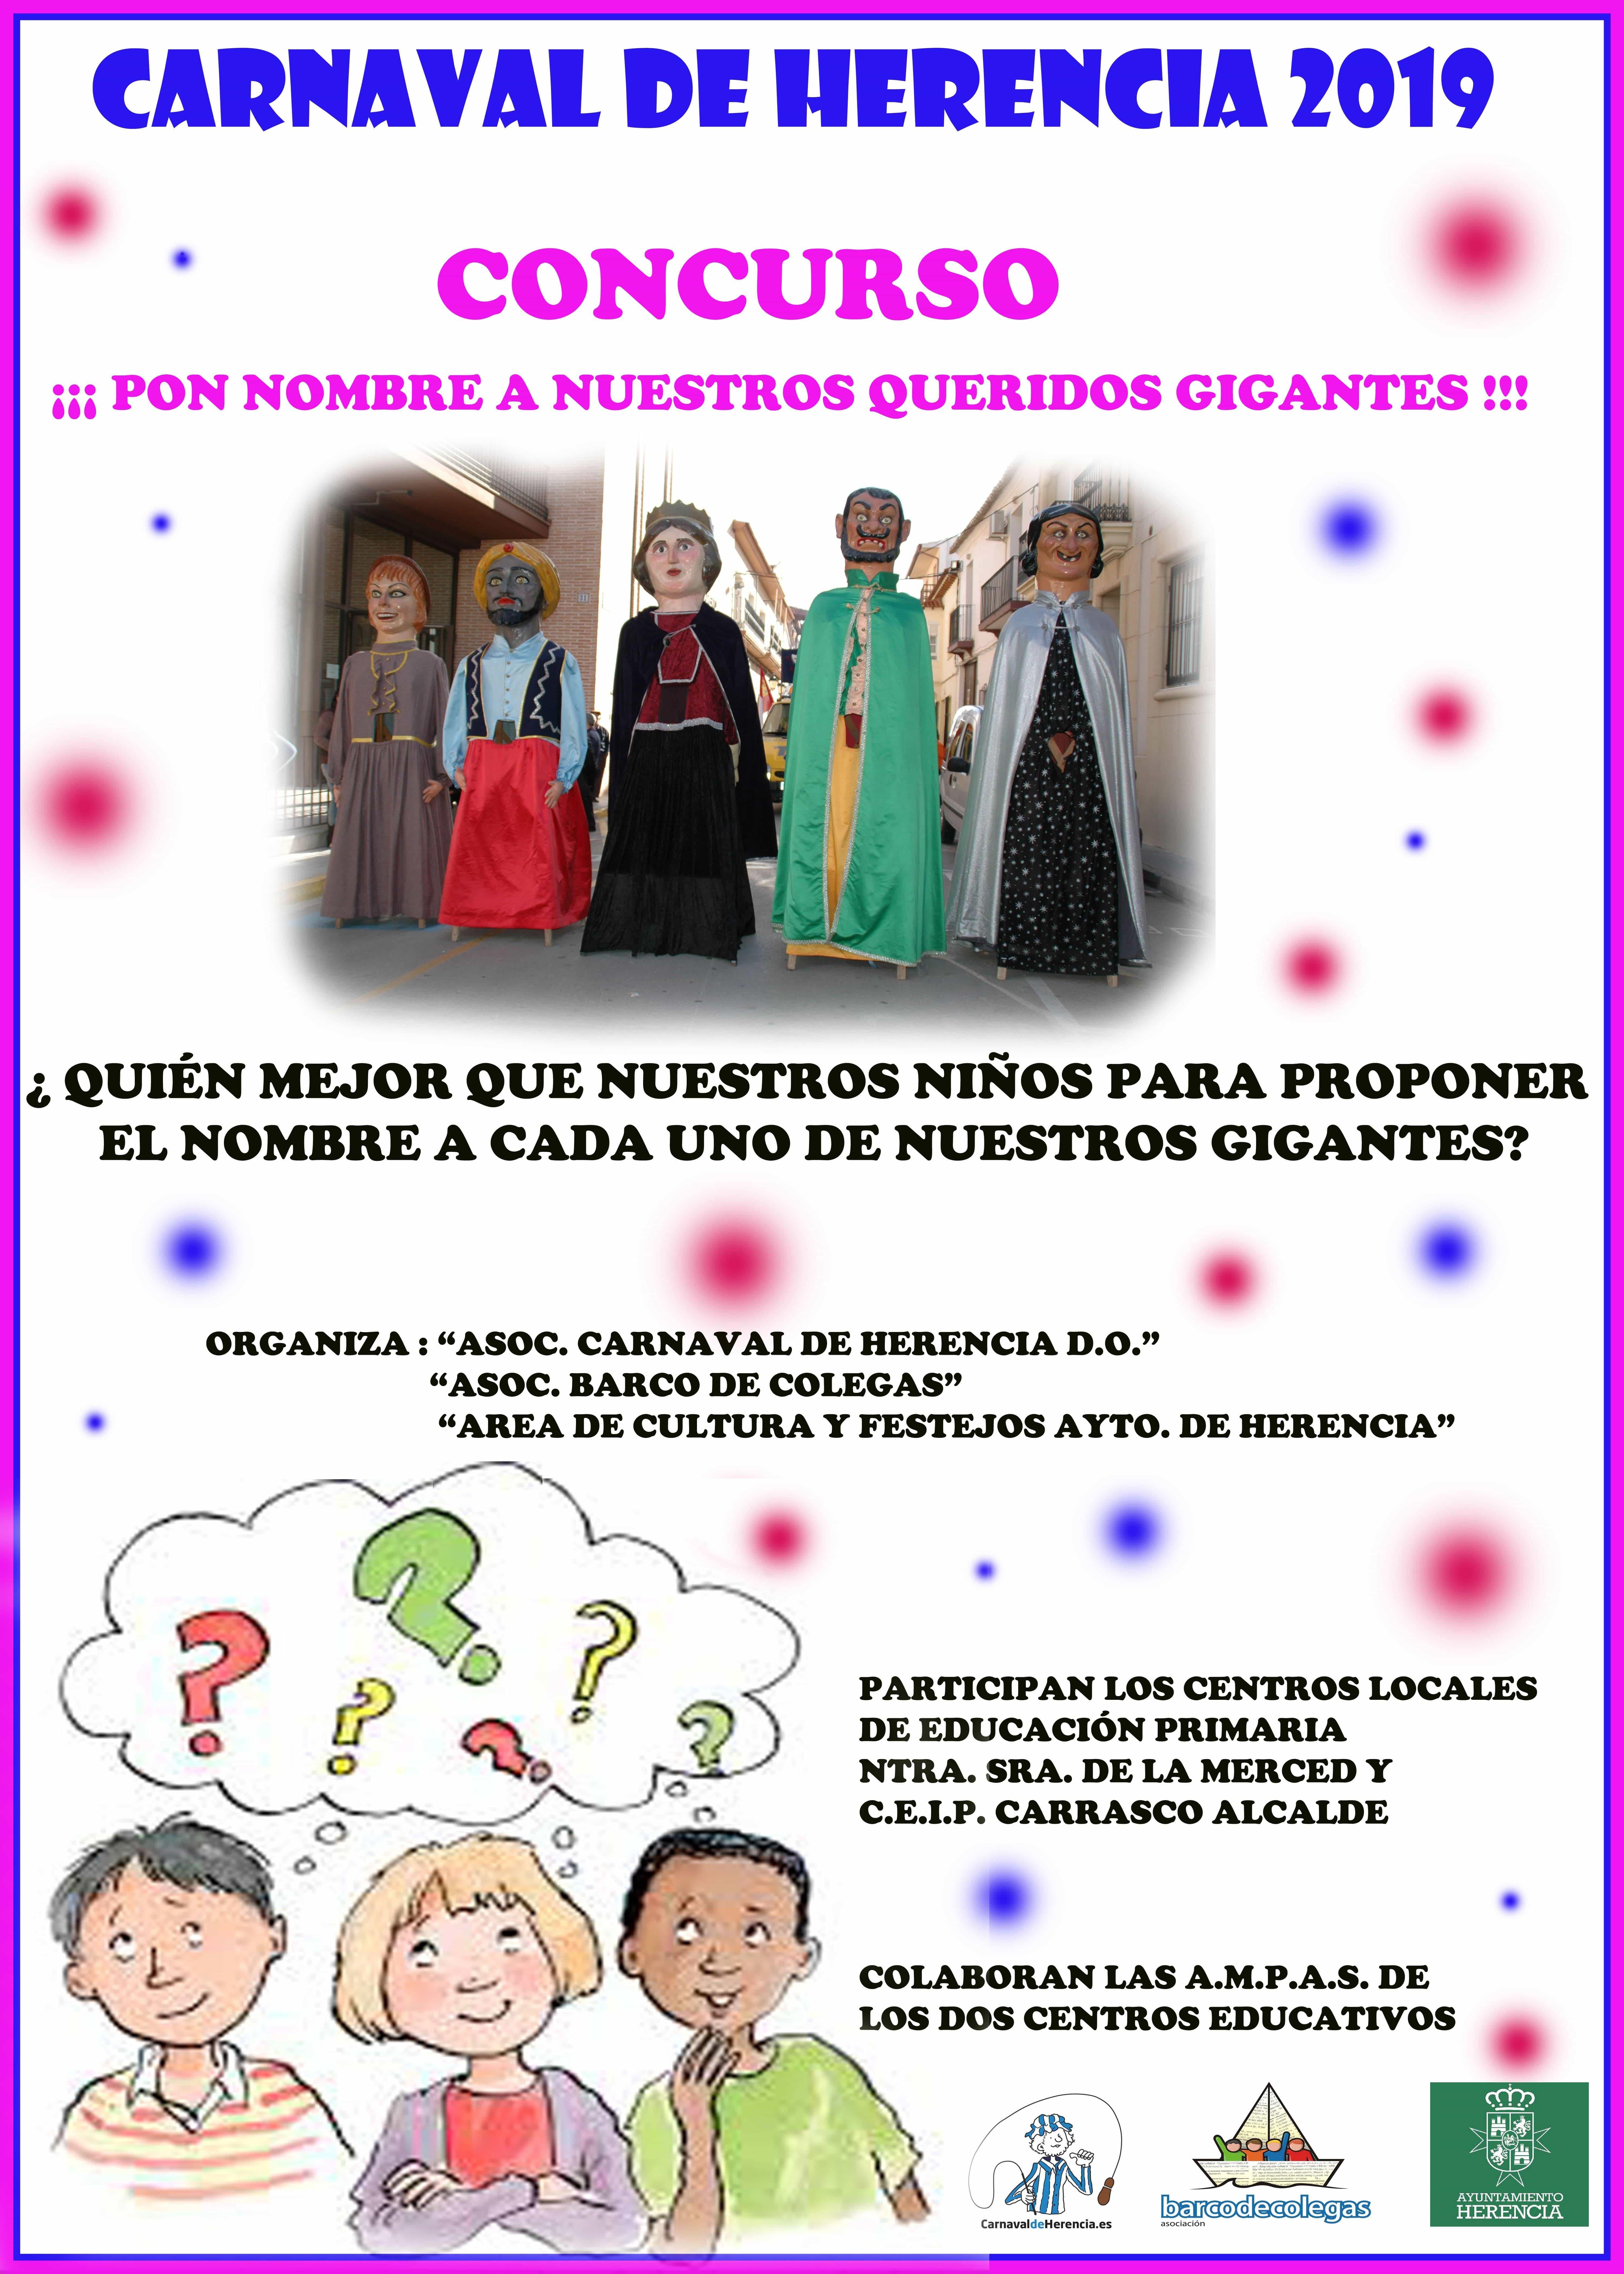 """Concurso """"Pon nombre a nuestros queridos Gigantes"""" del Carnaval de Herencia"""